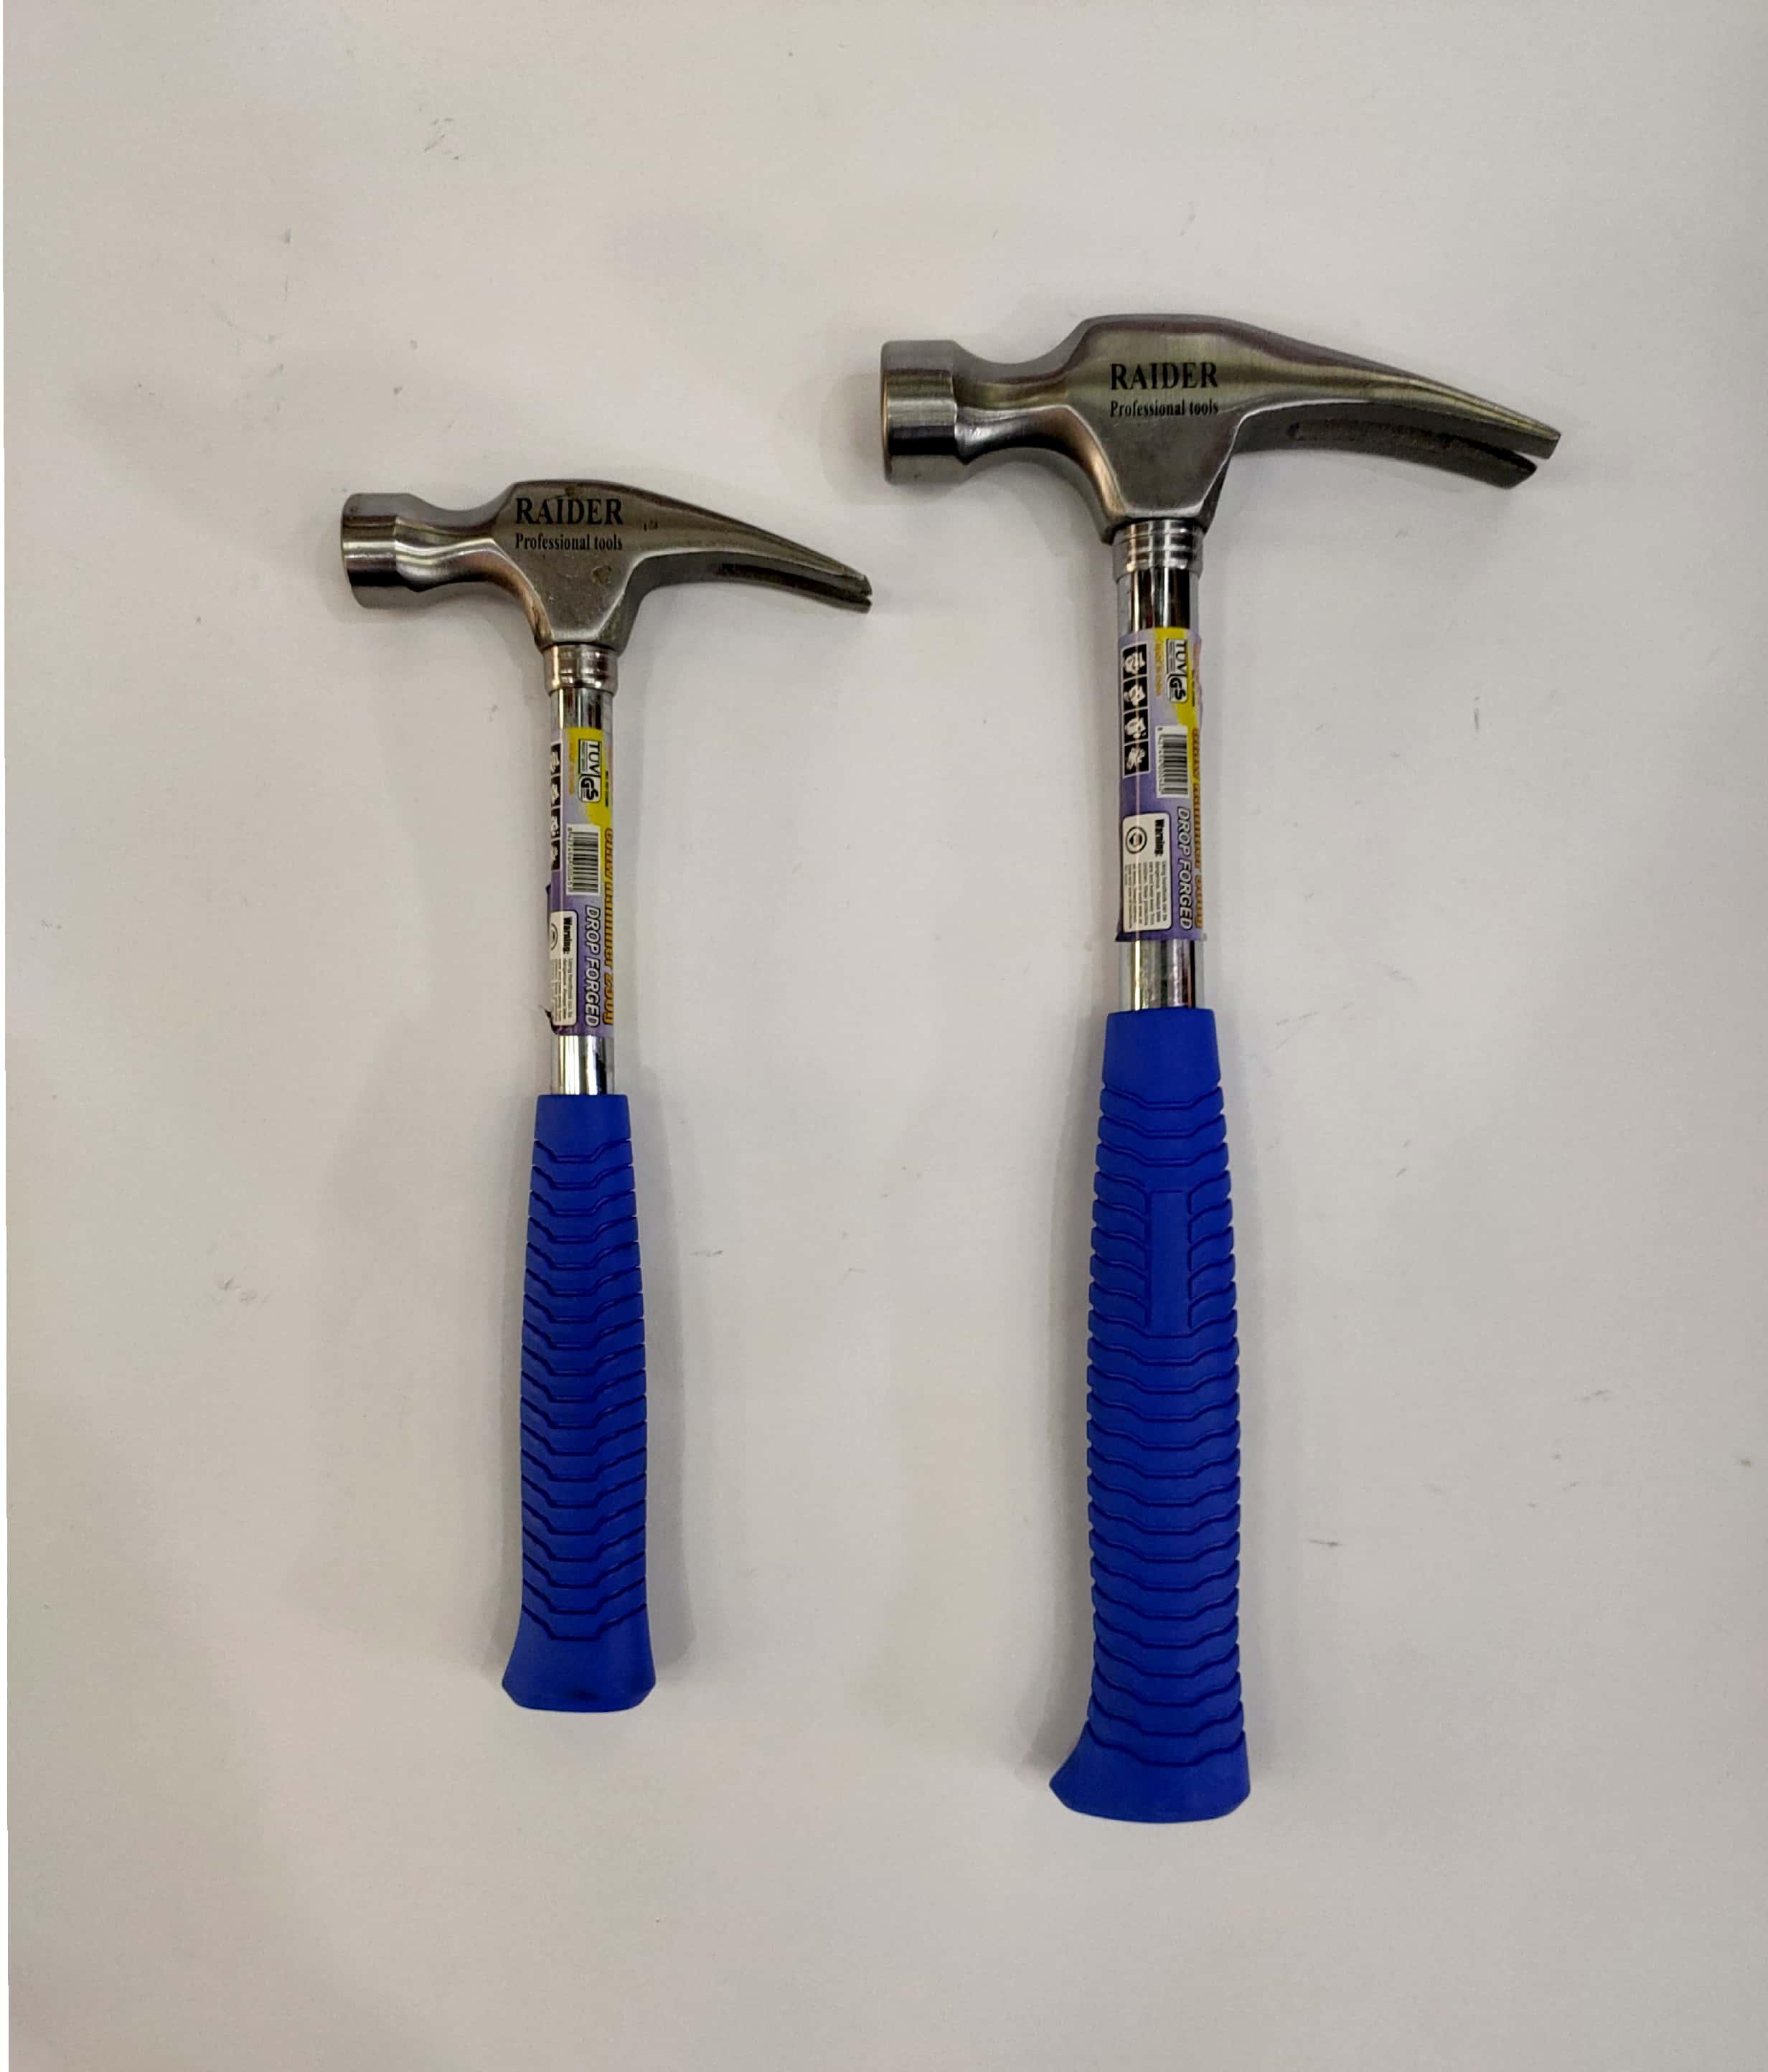 Raider Claw Hammer 8oz